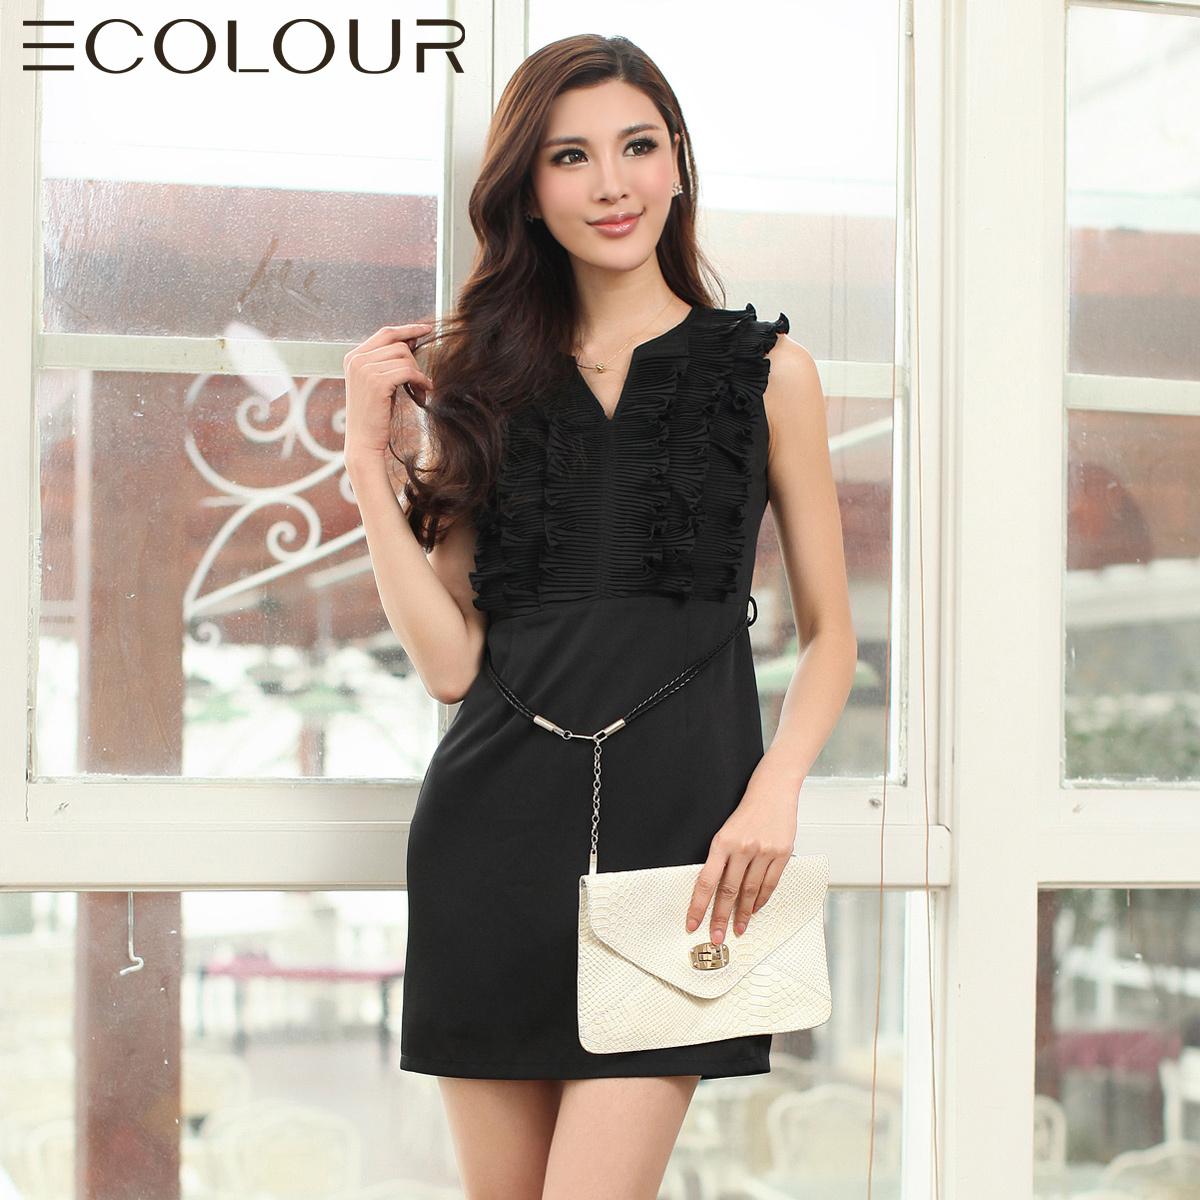 Женское платье Three/color 1206150717 2012 379 Другое